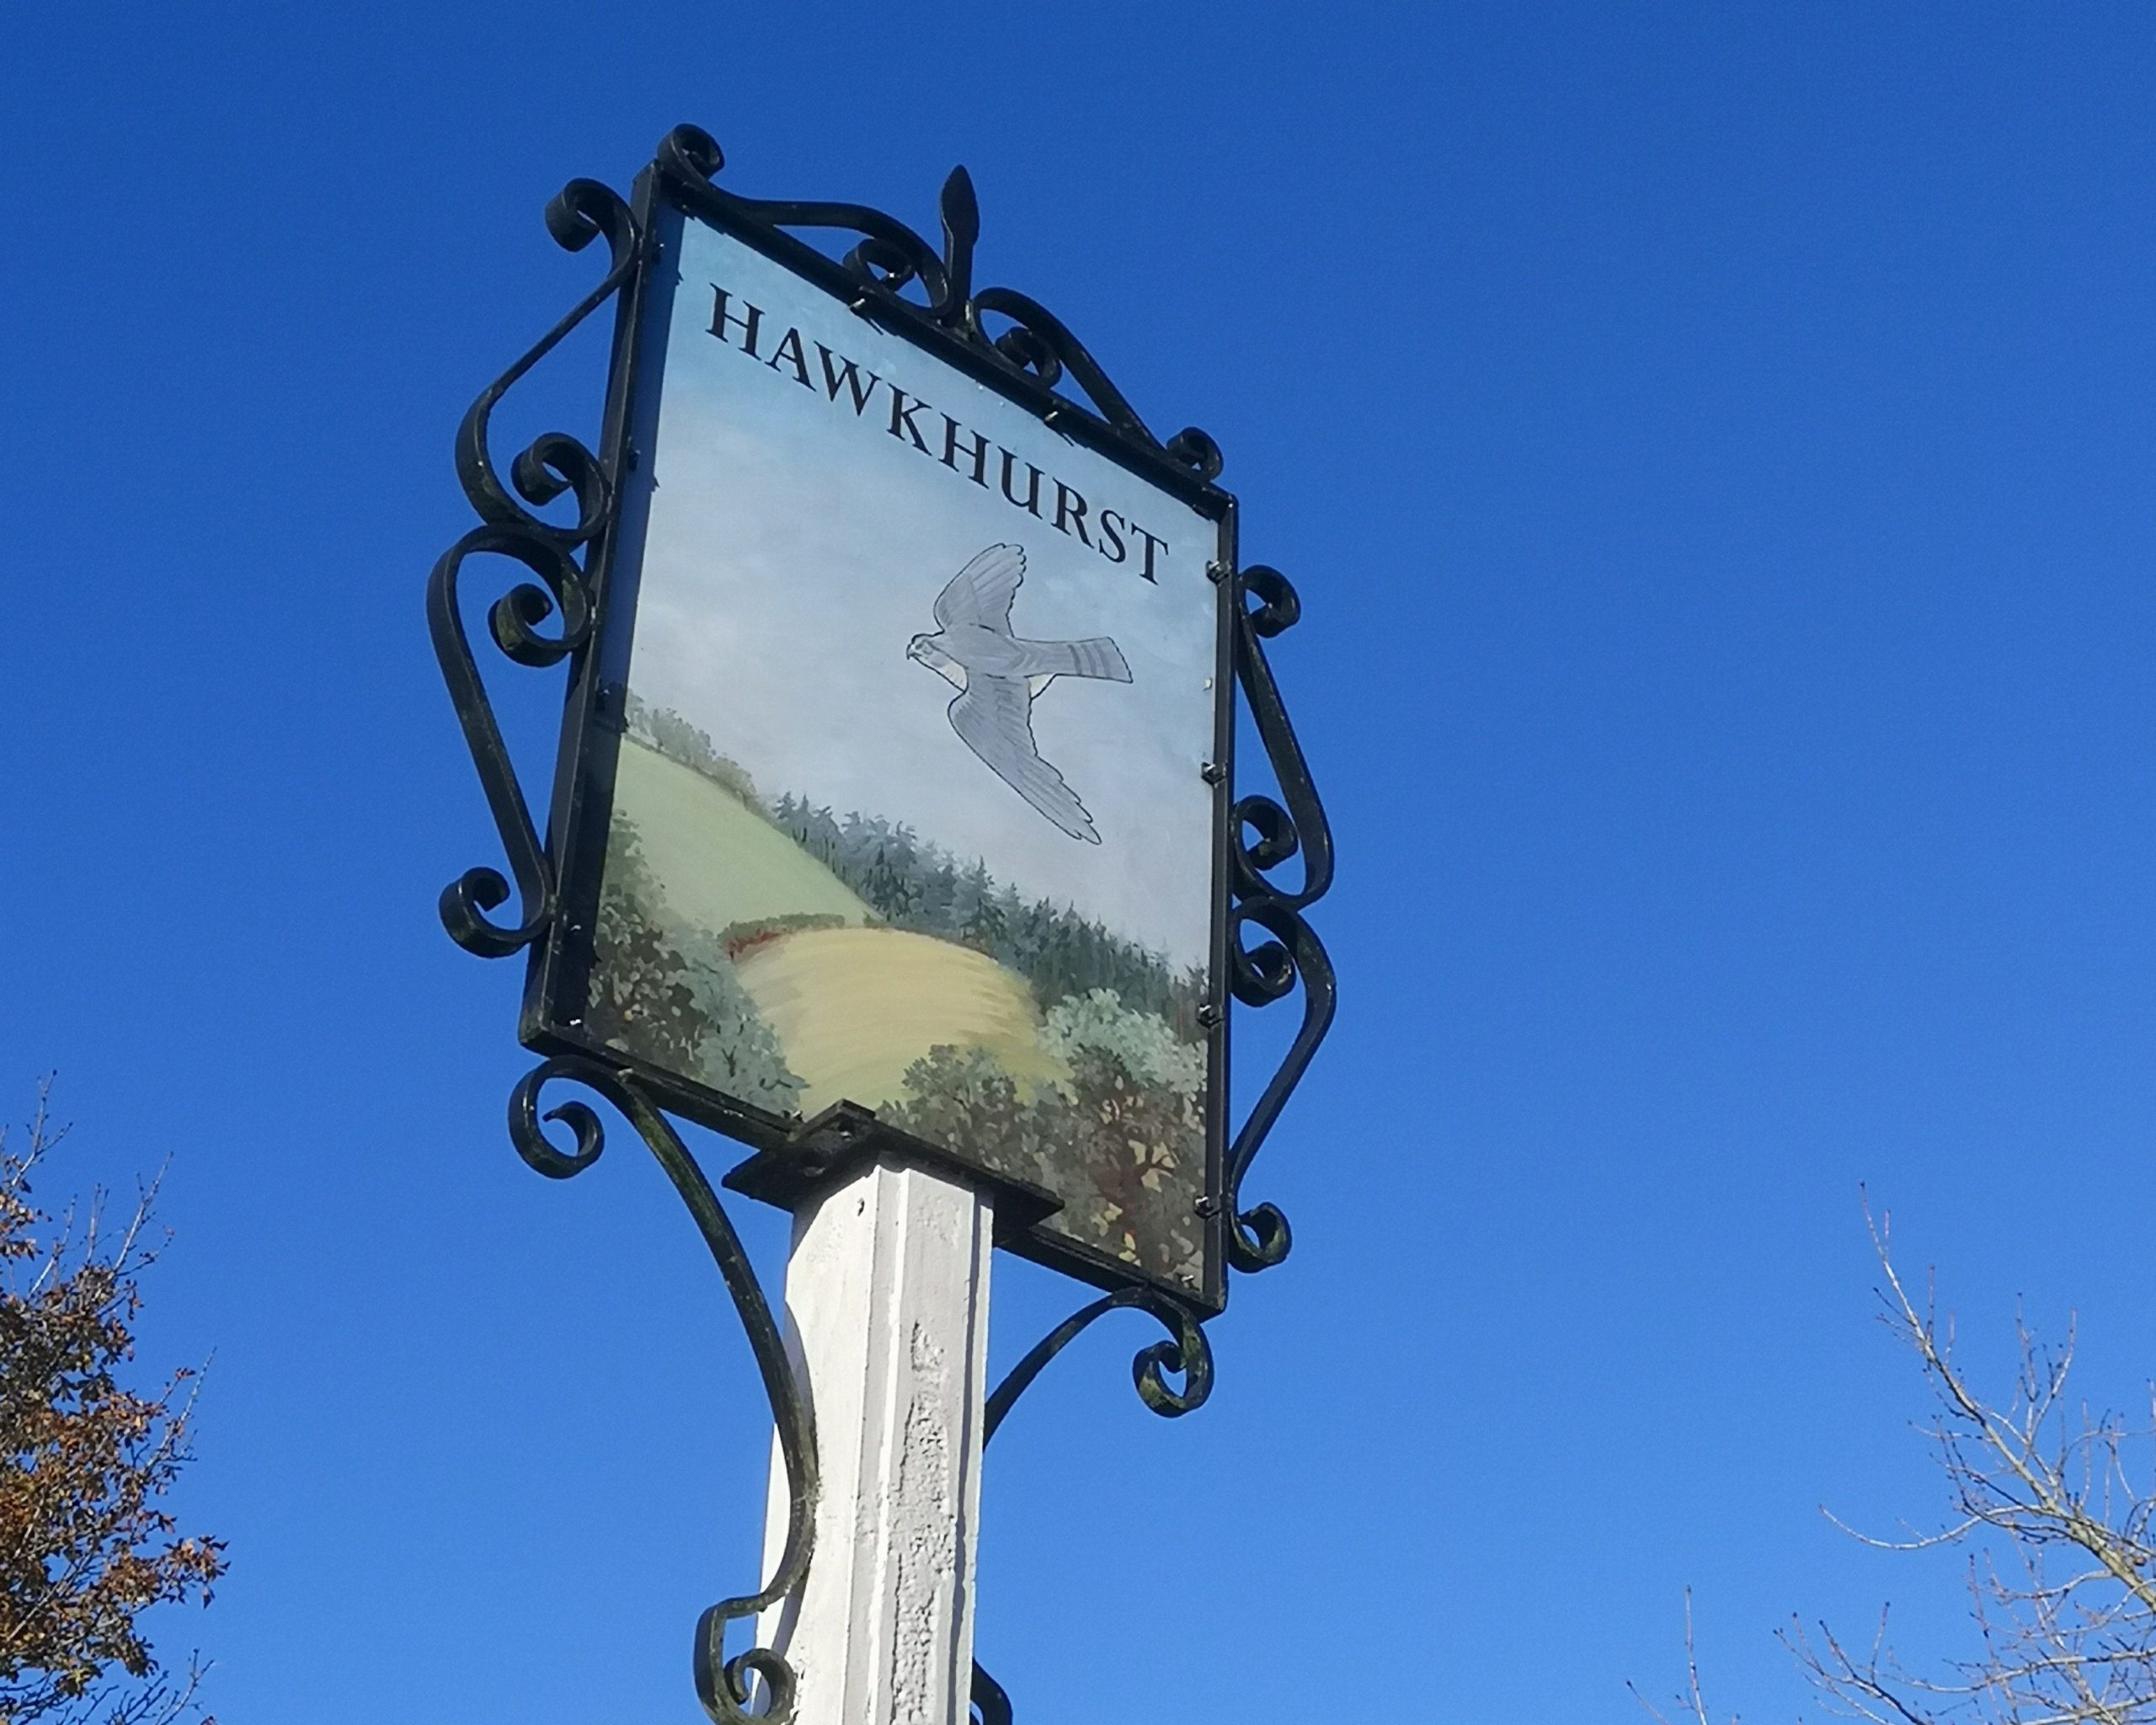 Hawkhurst vilage sign